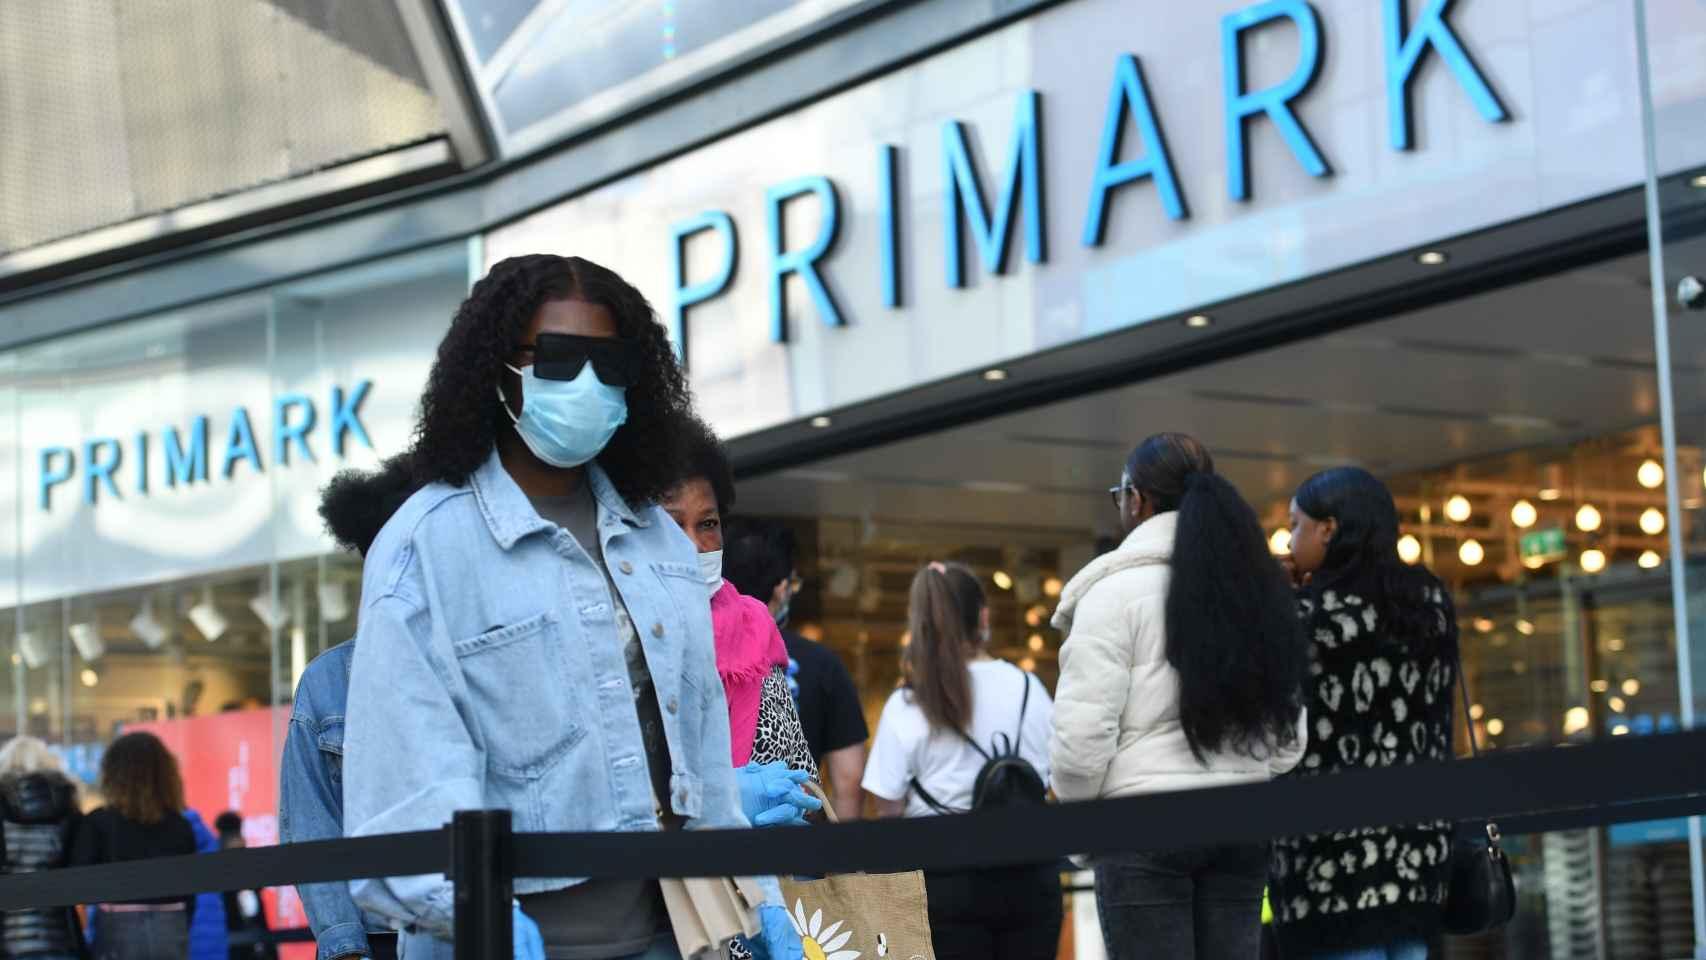 Gente haciendo cola para entrar en una tienda de Primark.